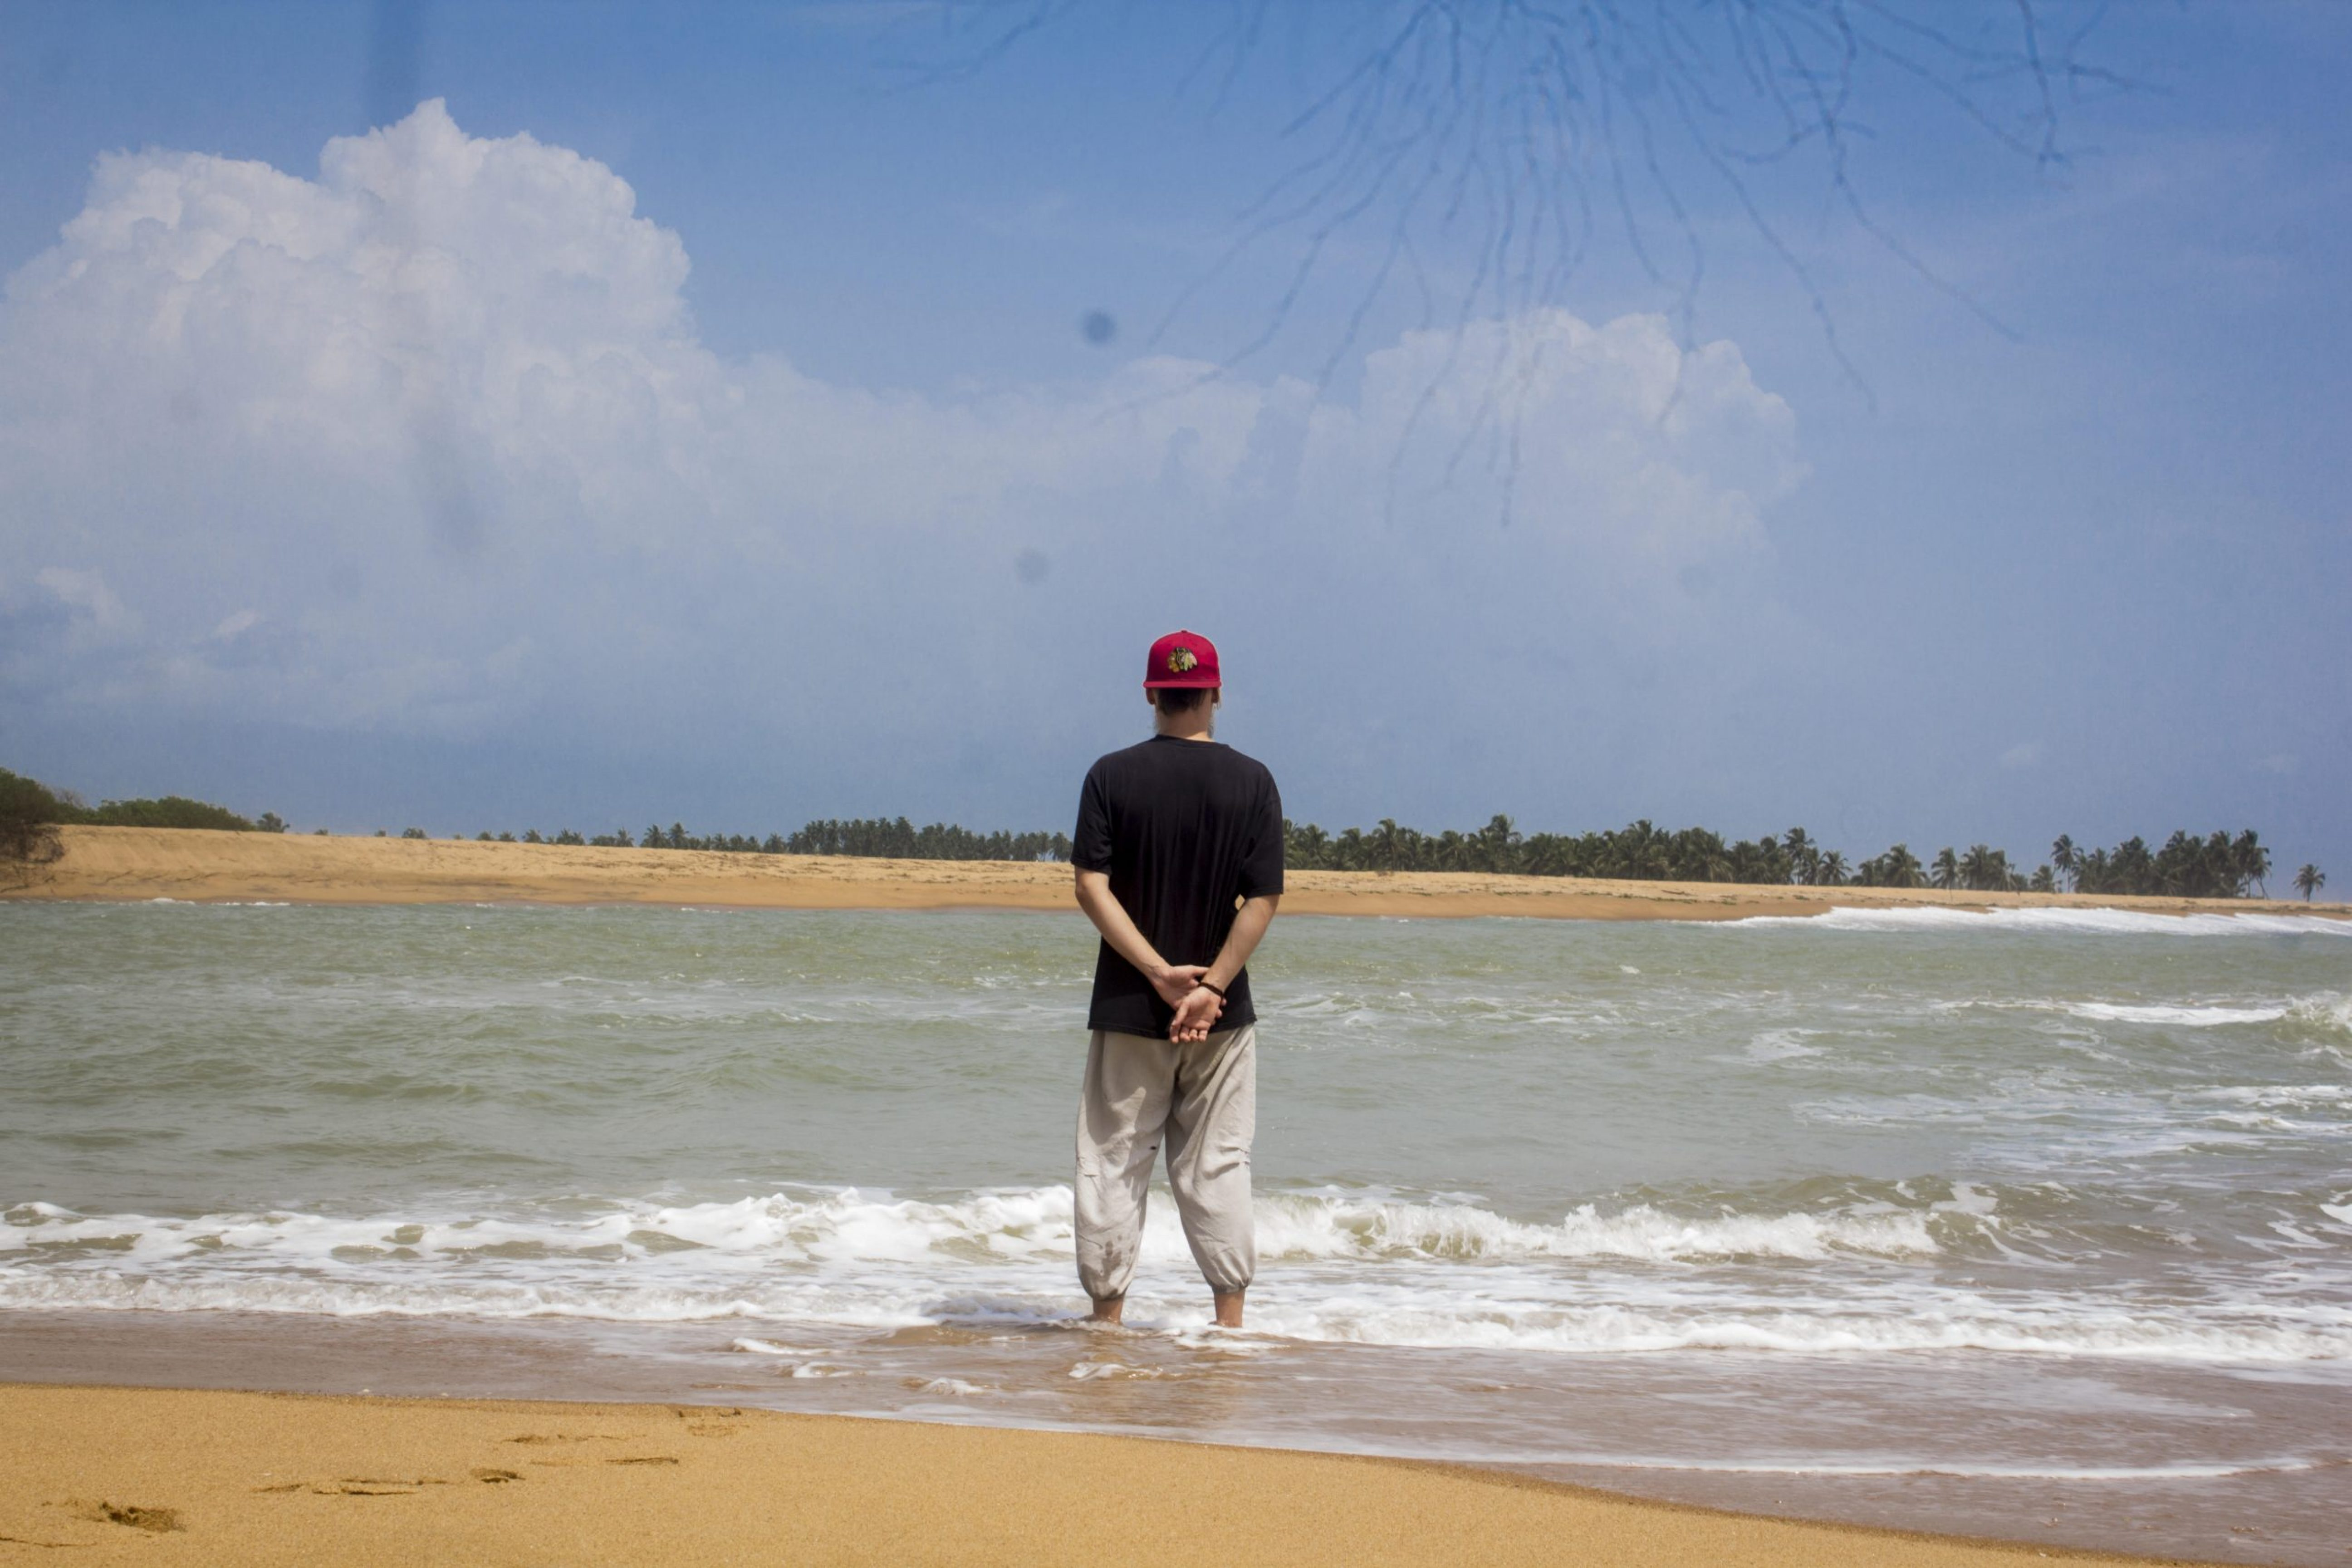 Ihminen seisoo veden päällä, kädet takana ja musta paita.